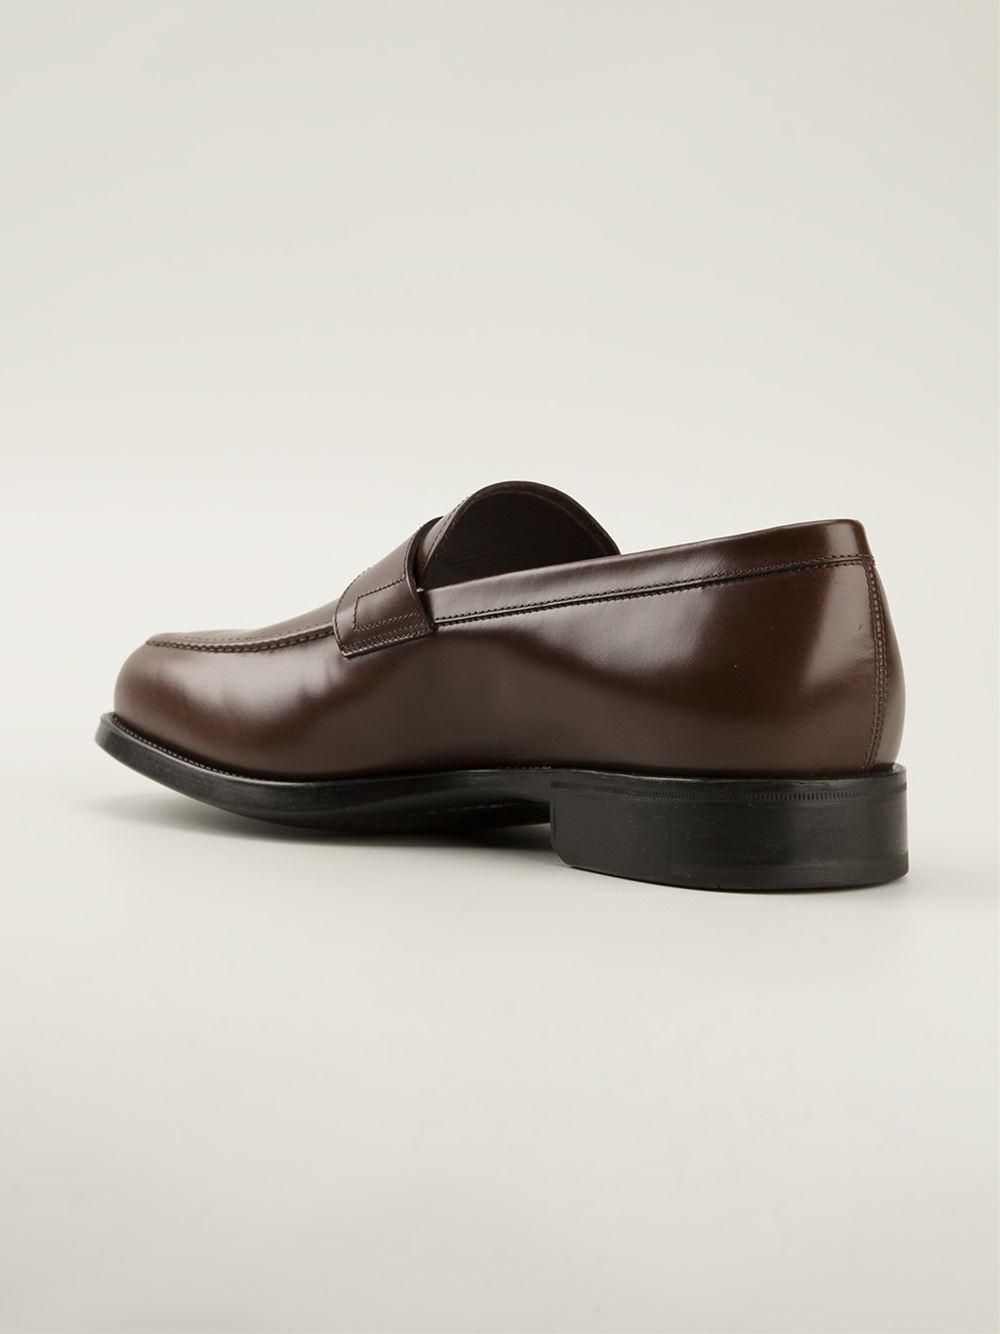 79f1b55dd4b04 Ferragamo Shoes Loafers - Idee per la decorazione di interni - coremc.us